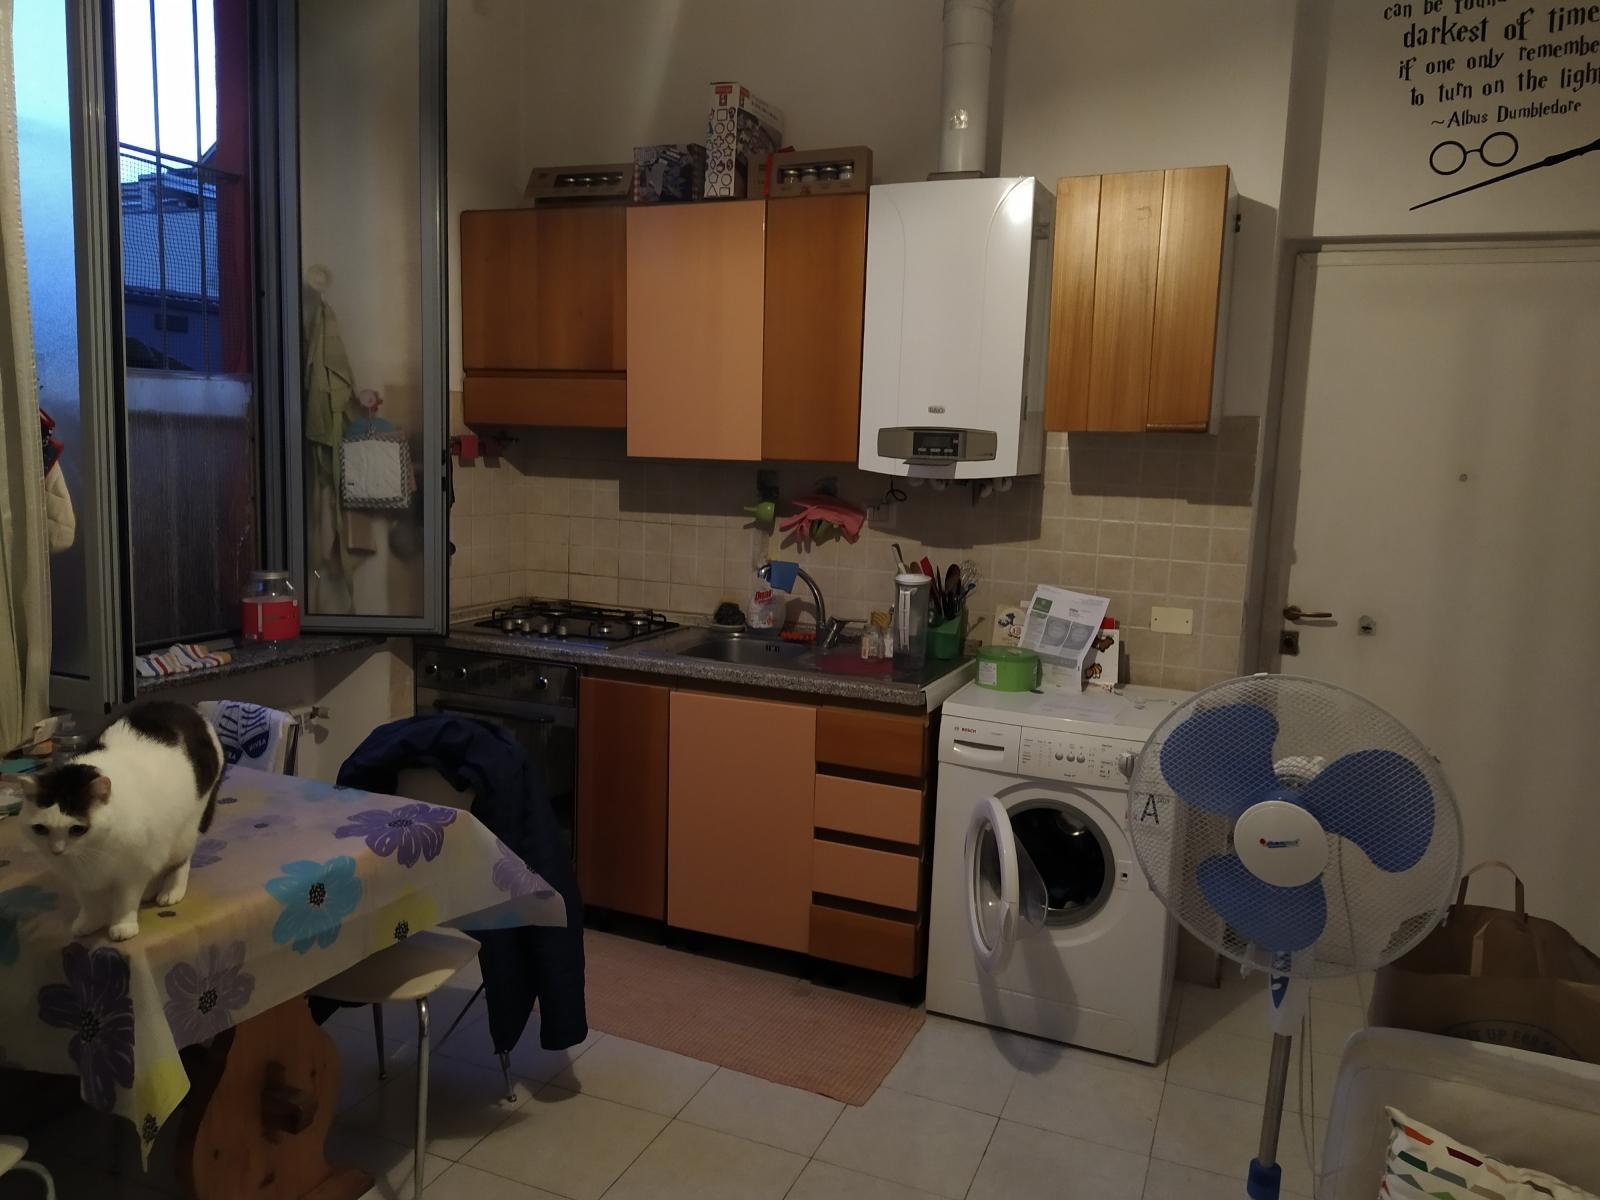 casa-in-vendita-milano-baggio-due-locali-investimento-spaziourbano-immobiliare-dove-trovi-casa-real-estate-affare-7